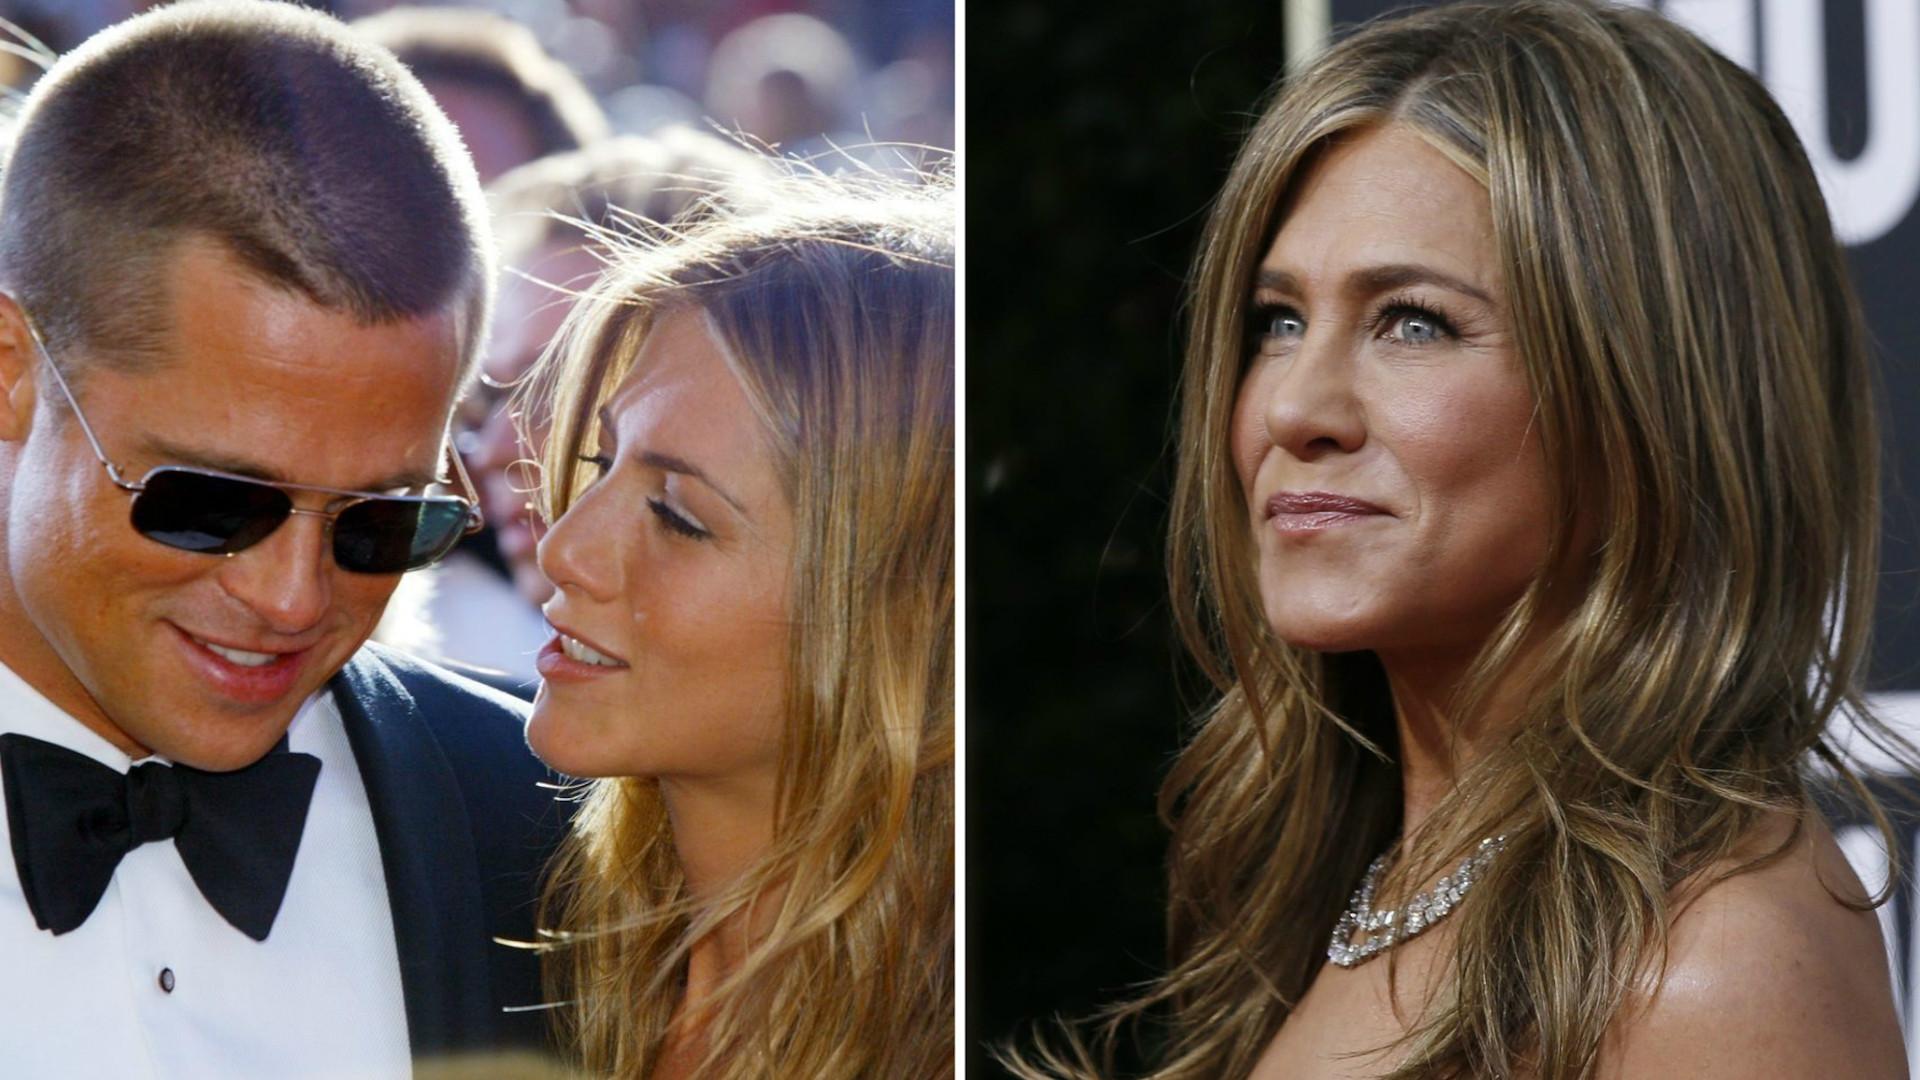 Media NISZCZYŁY związek Jennifer Aniston i Brada Pitta? Szczere wyznanie aktorki